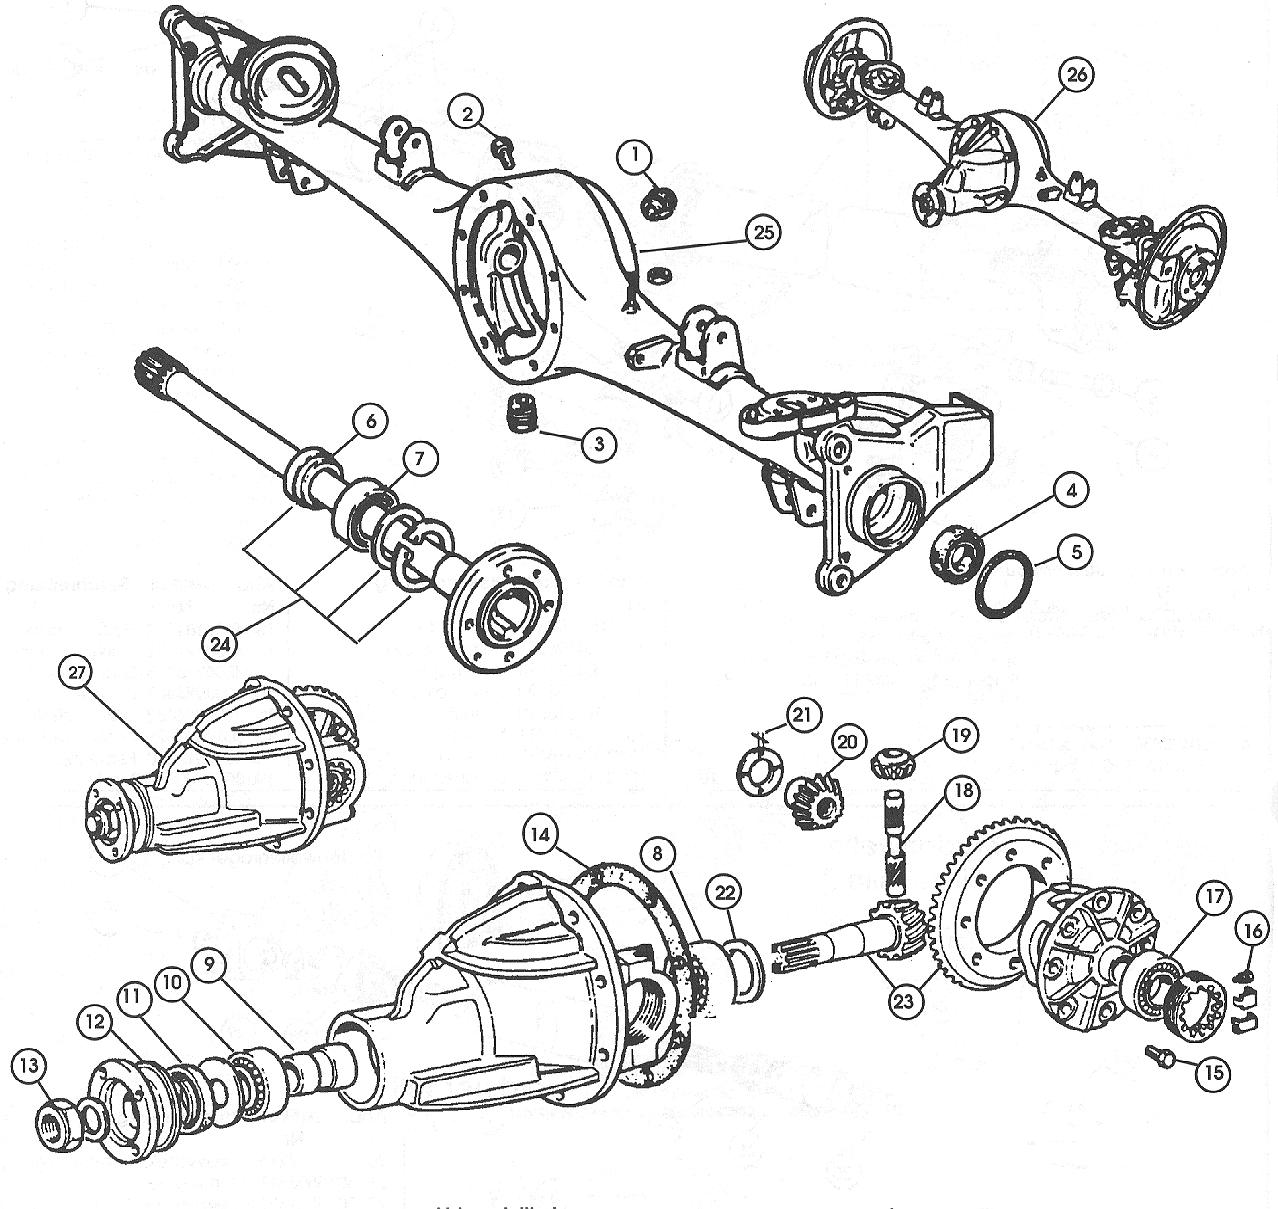 Fiat 124 Rear Axle Schematic - Data Wiring Diagram